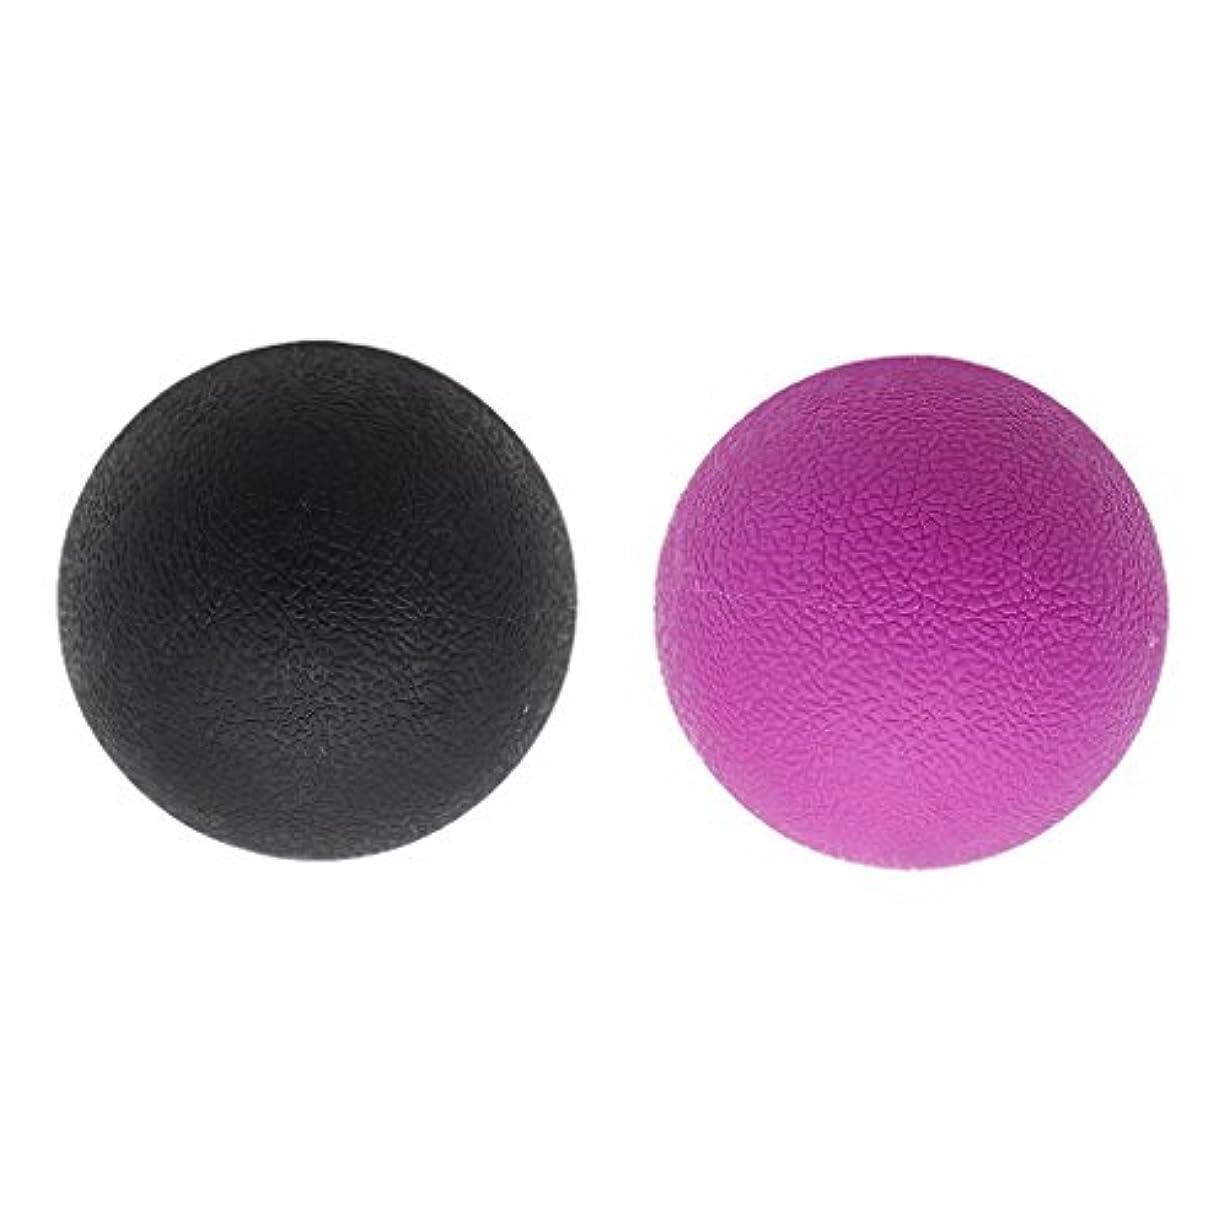 dailymall マッサージボール トリガーポイント ラクロスボール 弾性TPE ストレッチボール 多色選べる - ブラックパープル